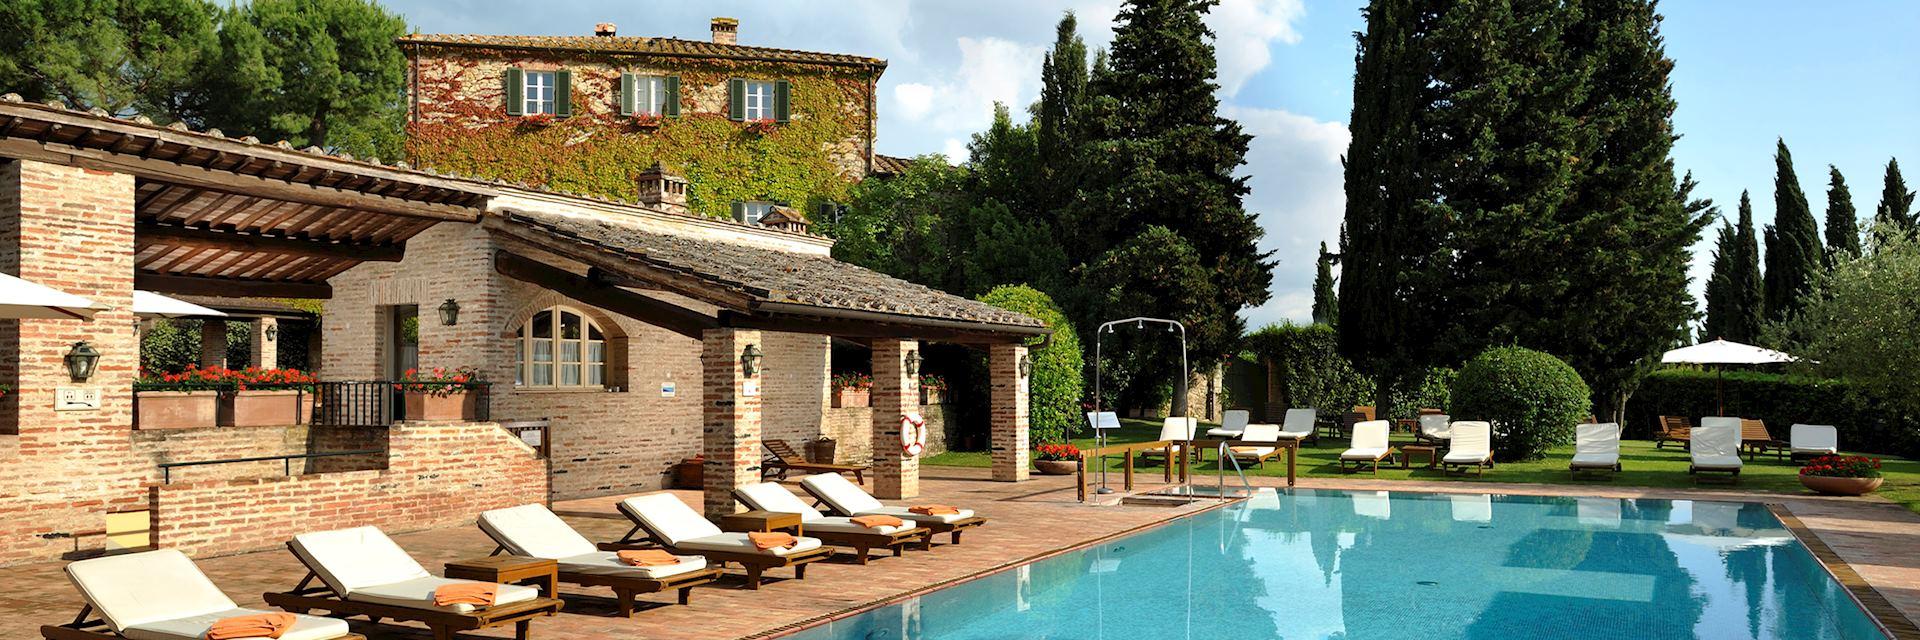 Borgo San Felice, Tuscany